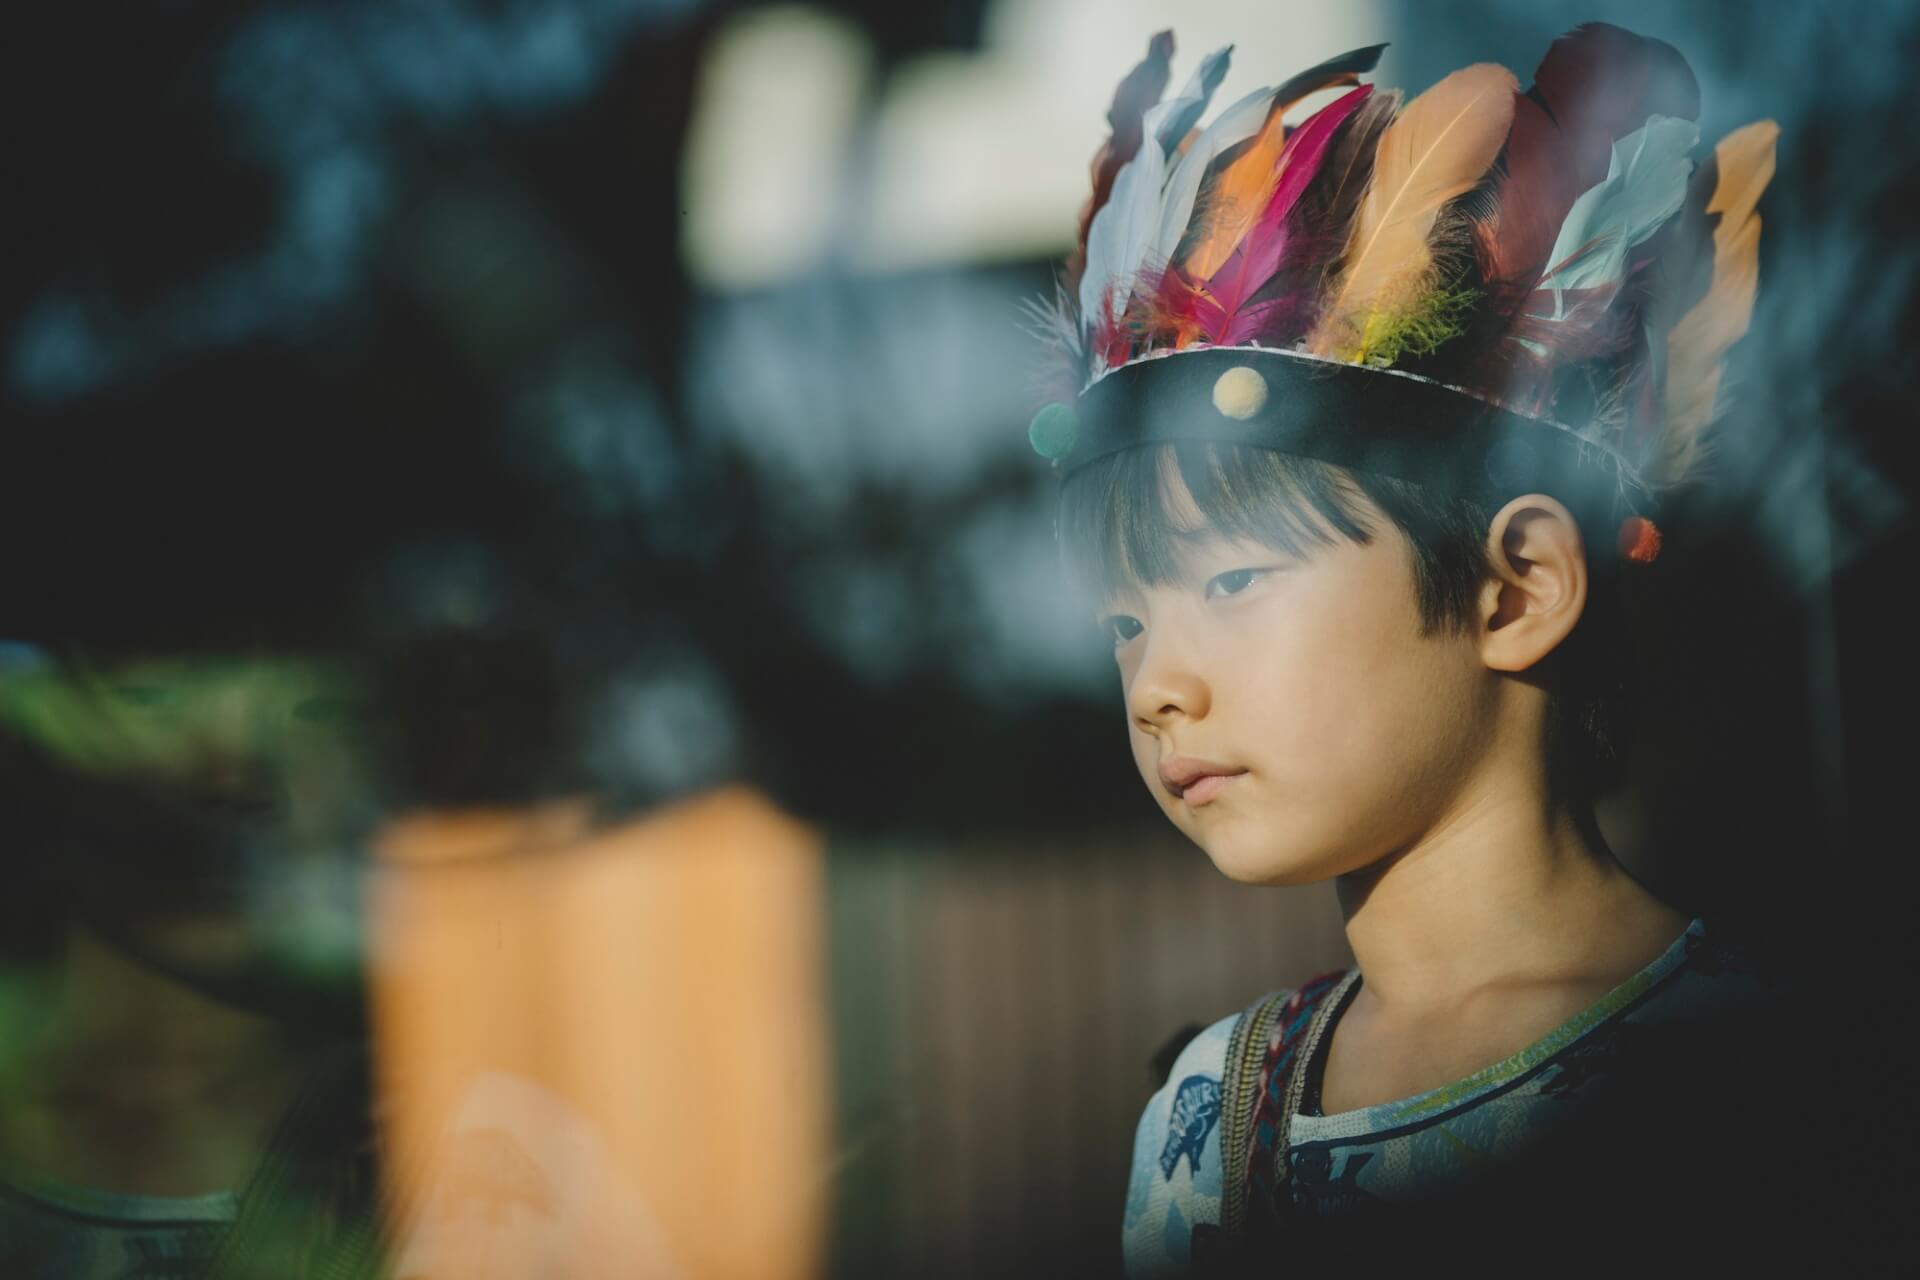 『パラサイト 半地下の家族』に日本映画界の著名人も注目!是枝裕和、西川美和、李相日らからのコメントが到着 film191025_parasite_4